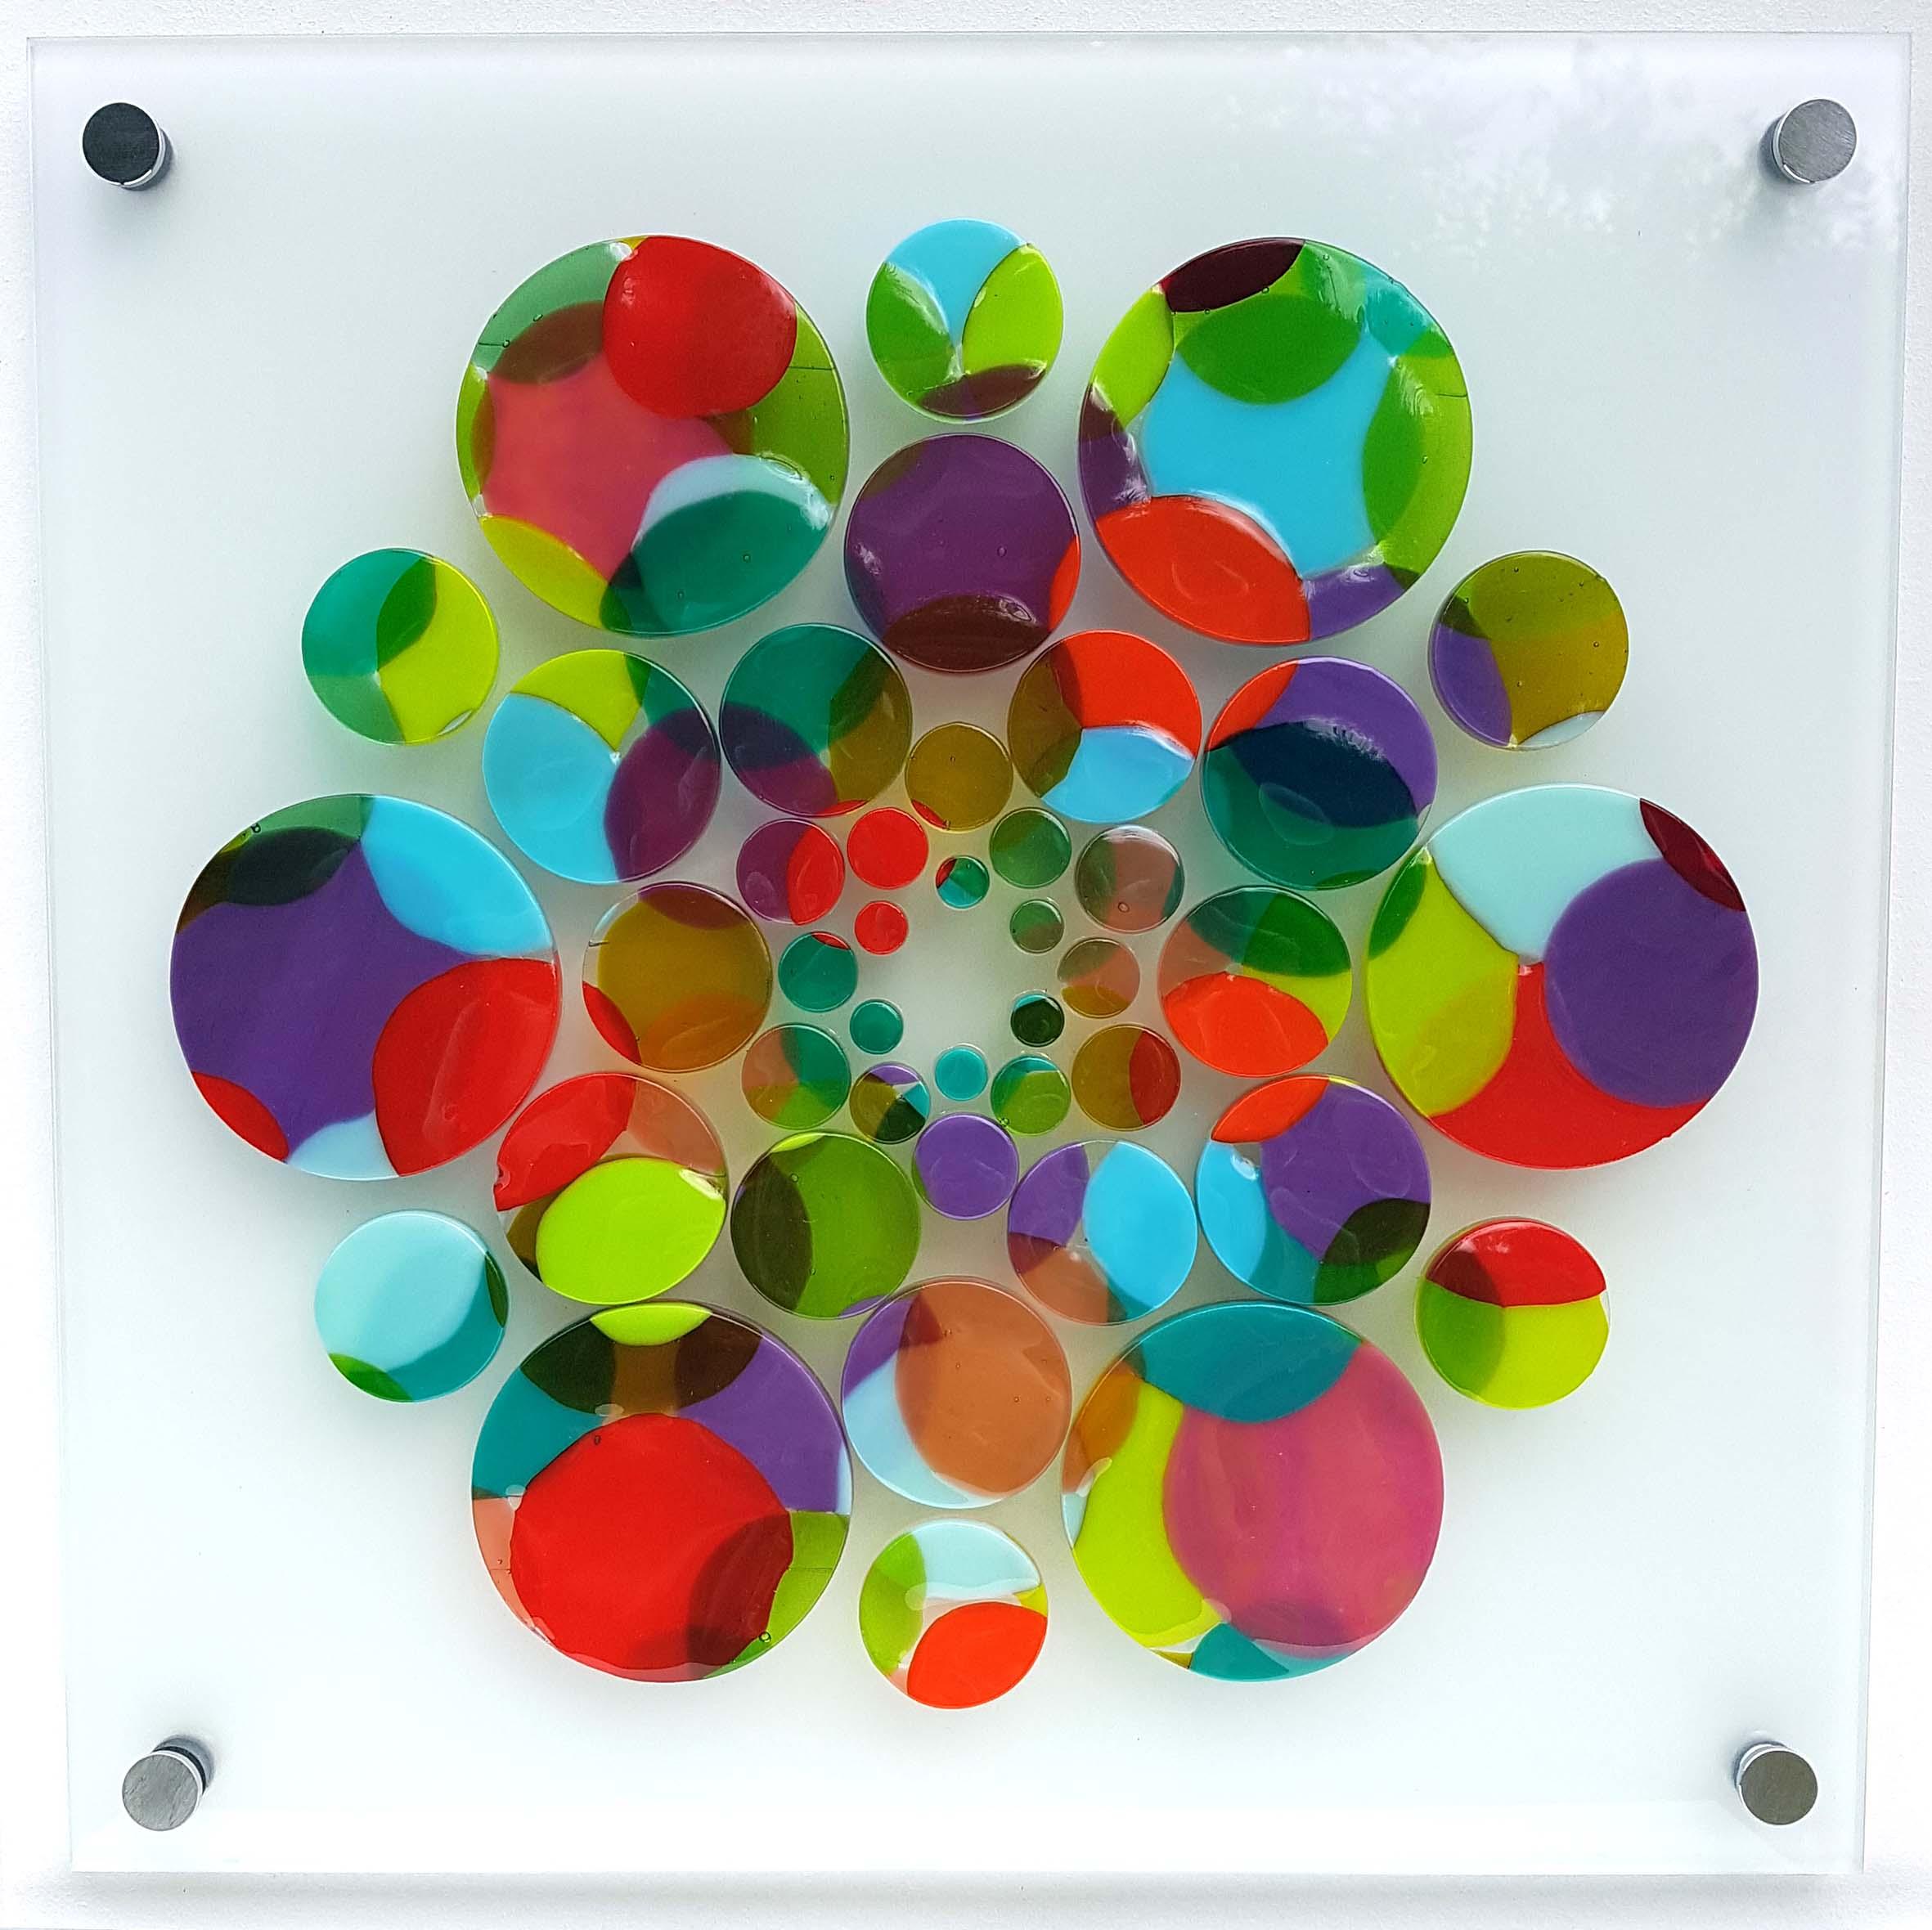 Manifestation, fused Bullseye glass bonded onto 5 mm toughened float glass, 350 mm x 350 mm.jpg